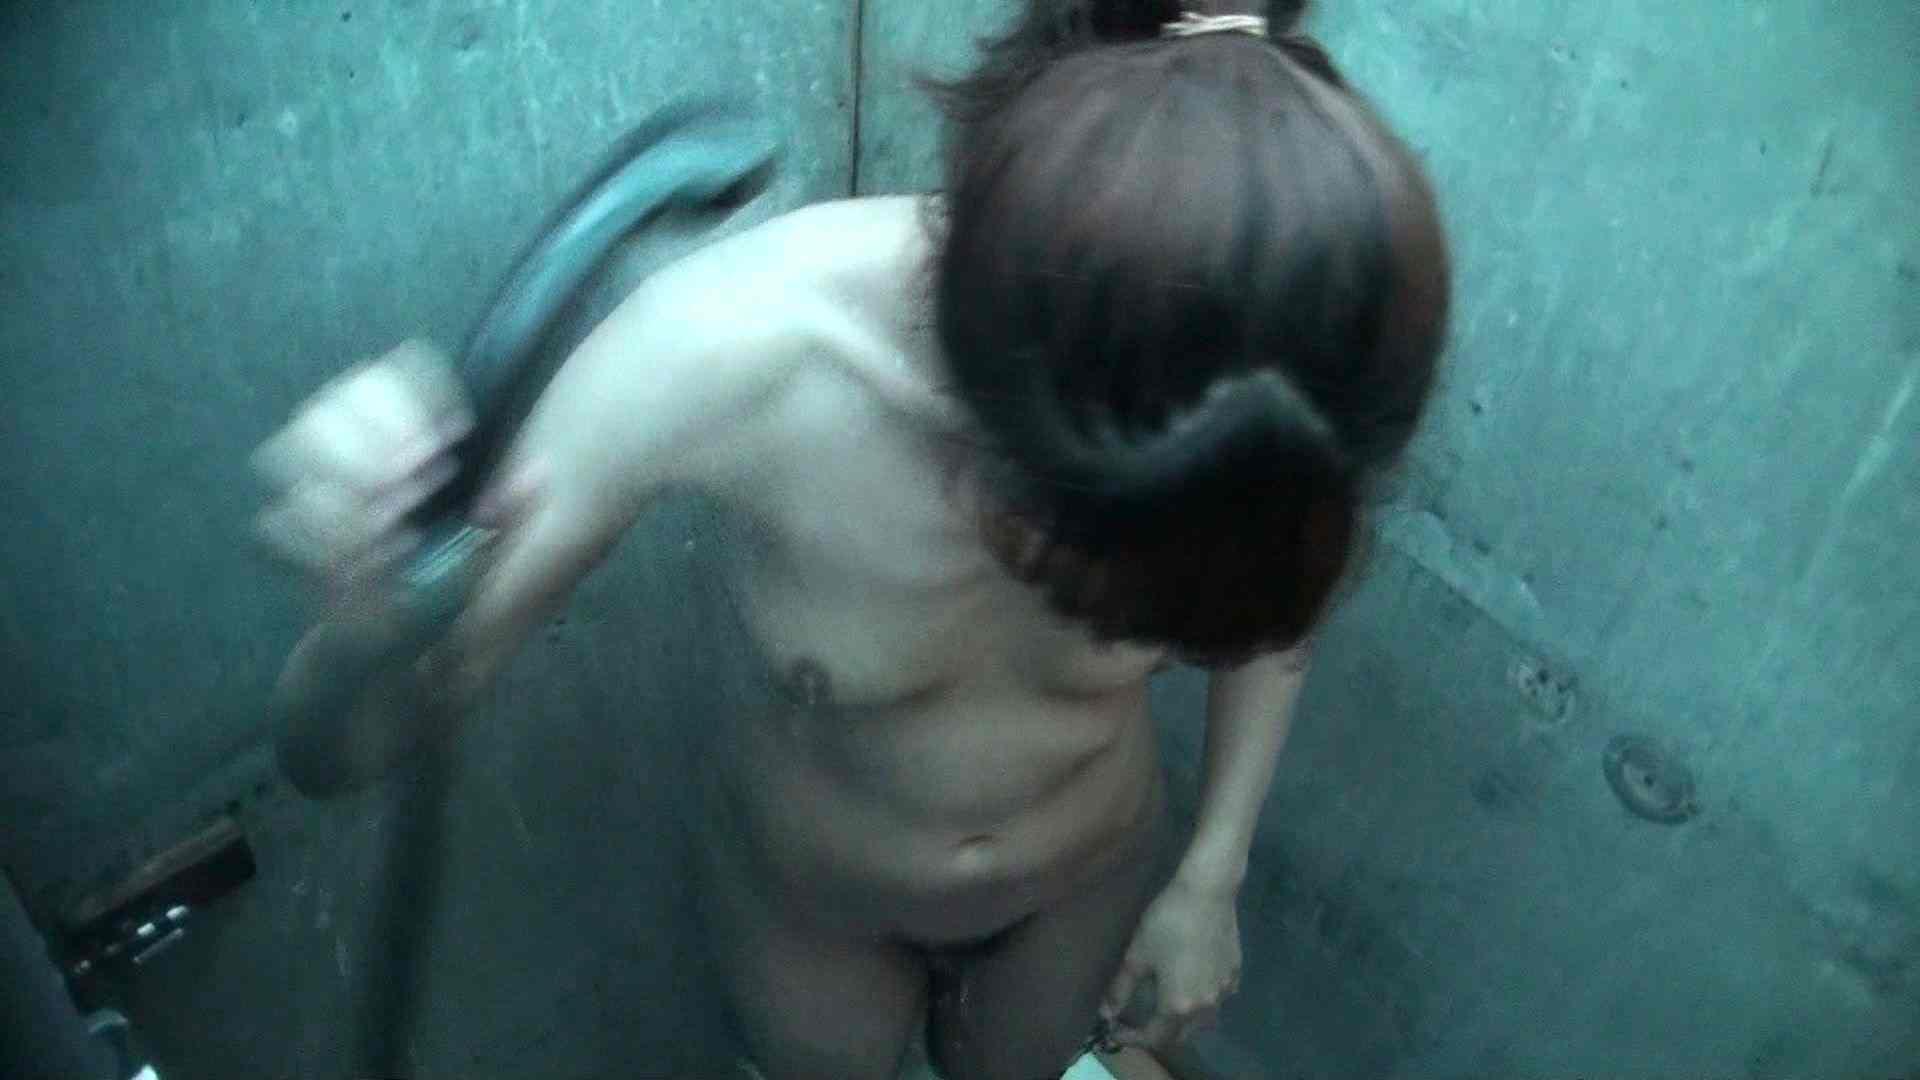 シャワールームは超!!危険な香りVol.30 甘栗剥いちゃいました 美女OL | 高画質  46連発 13